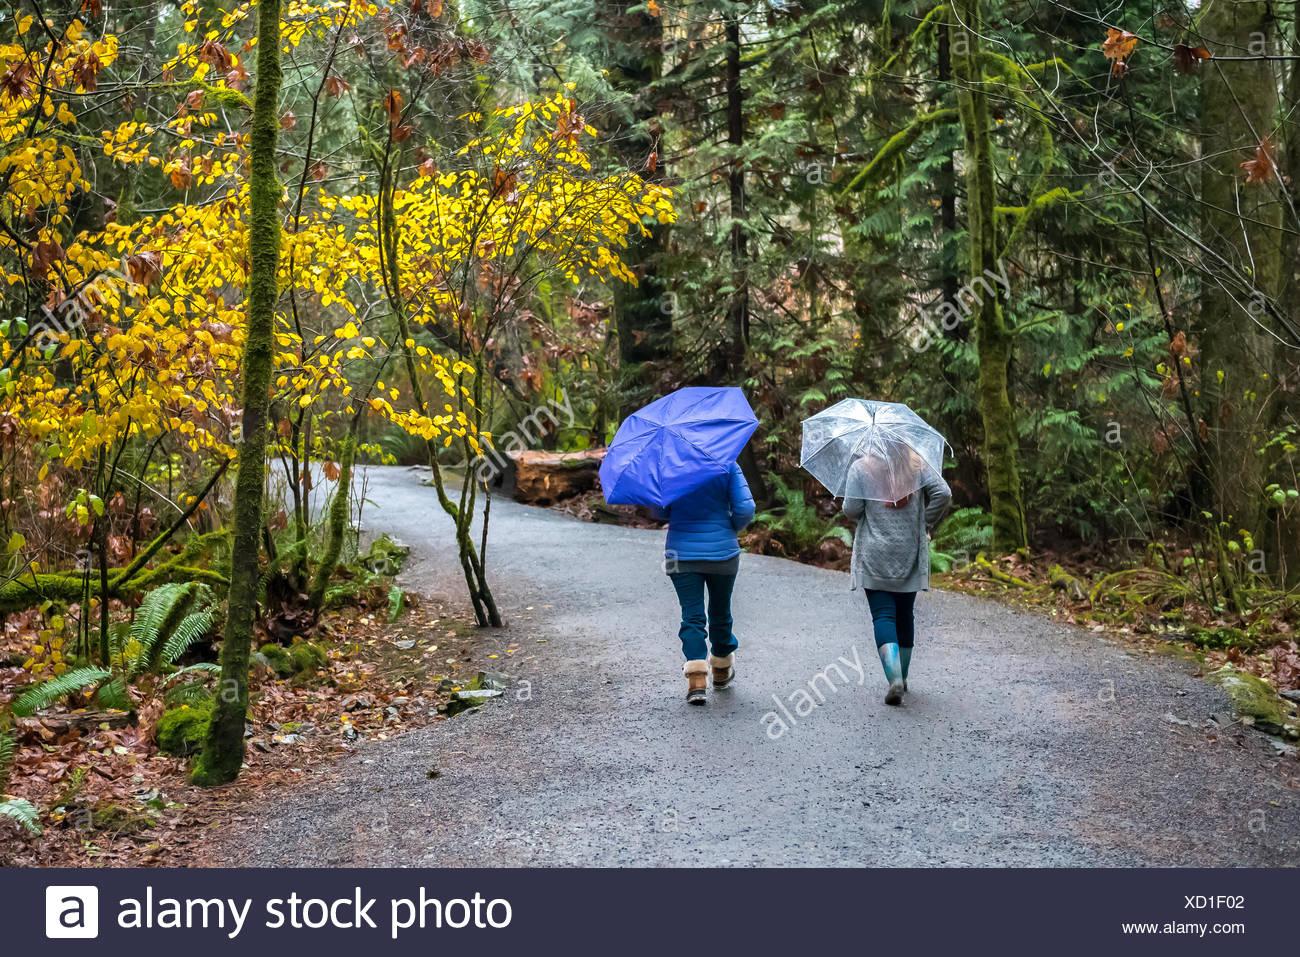 Two women jogging in the rain with umbrellas, Victoria, British Columbia, Canada Stock Photo